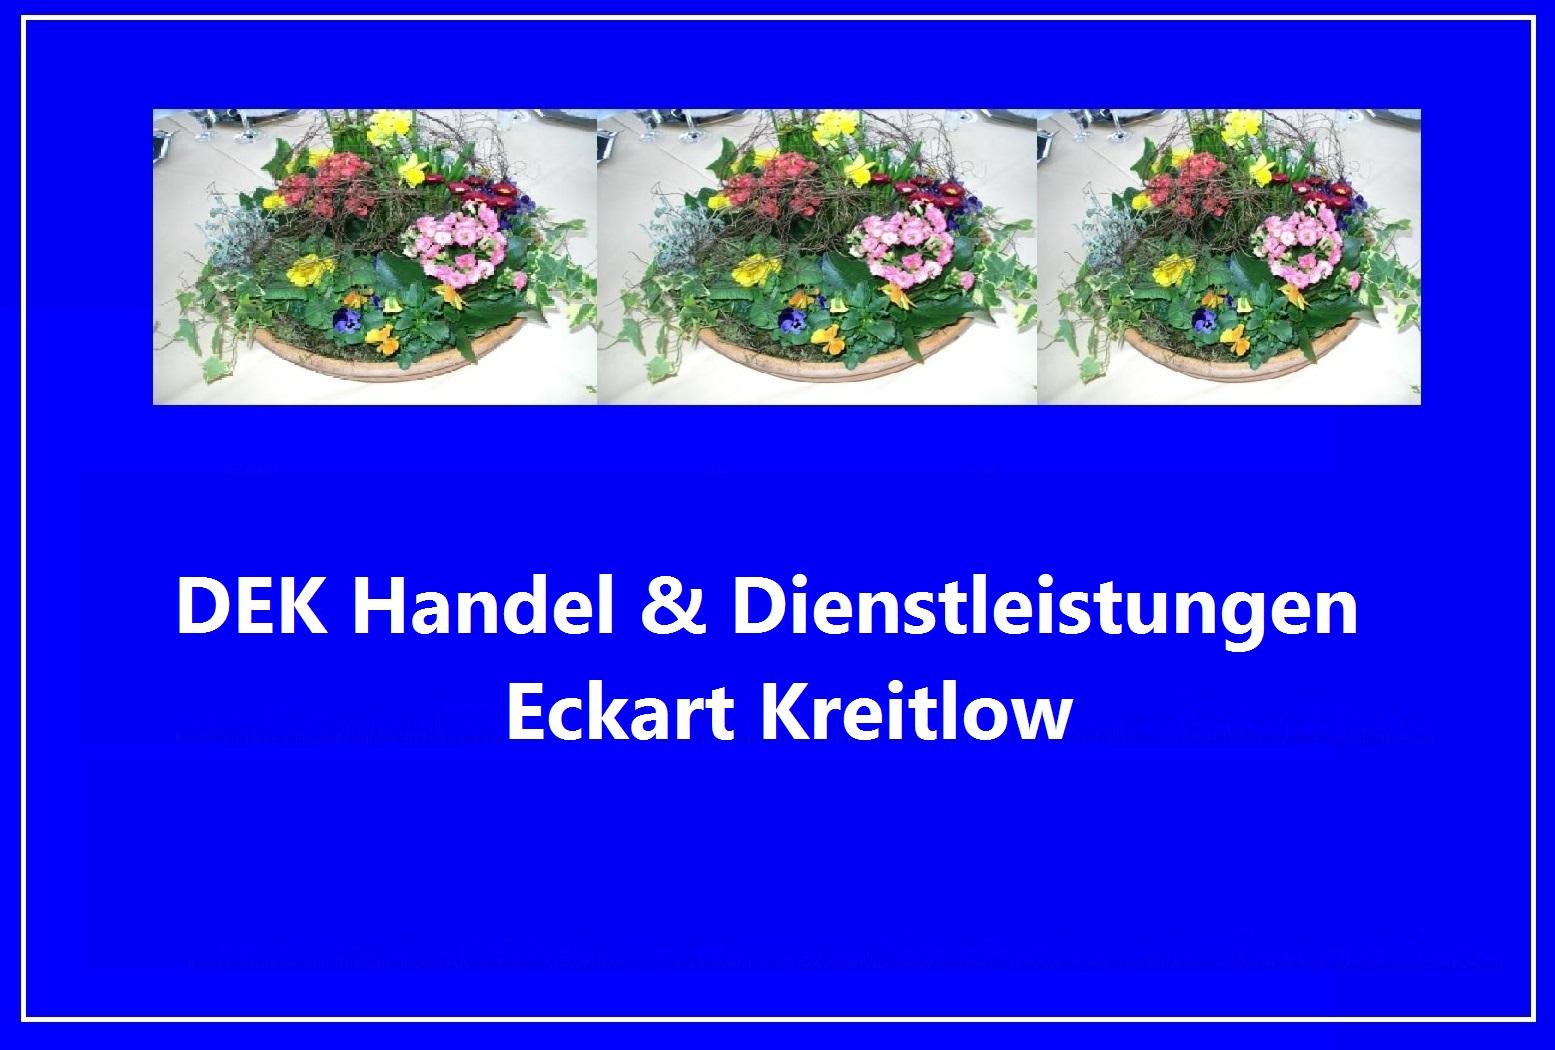 D E K Handel & Dienstleistungen - Vermietung von Gästezimmern seit 1993.